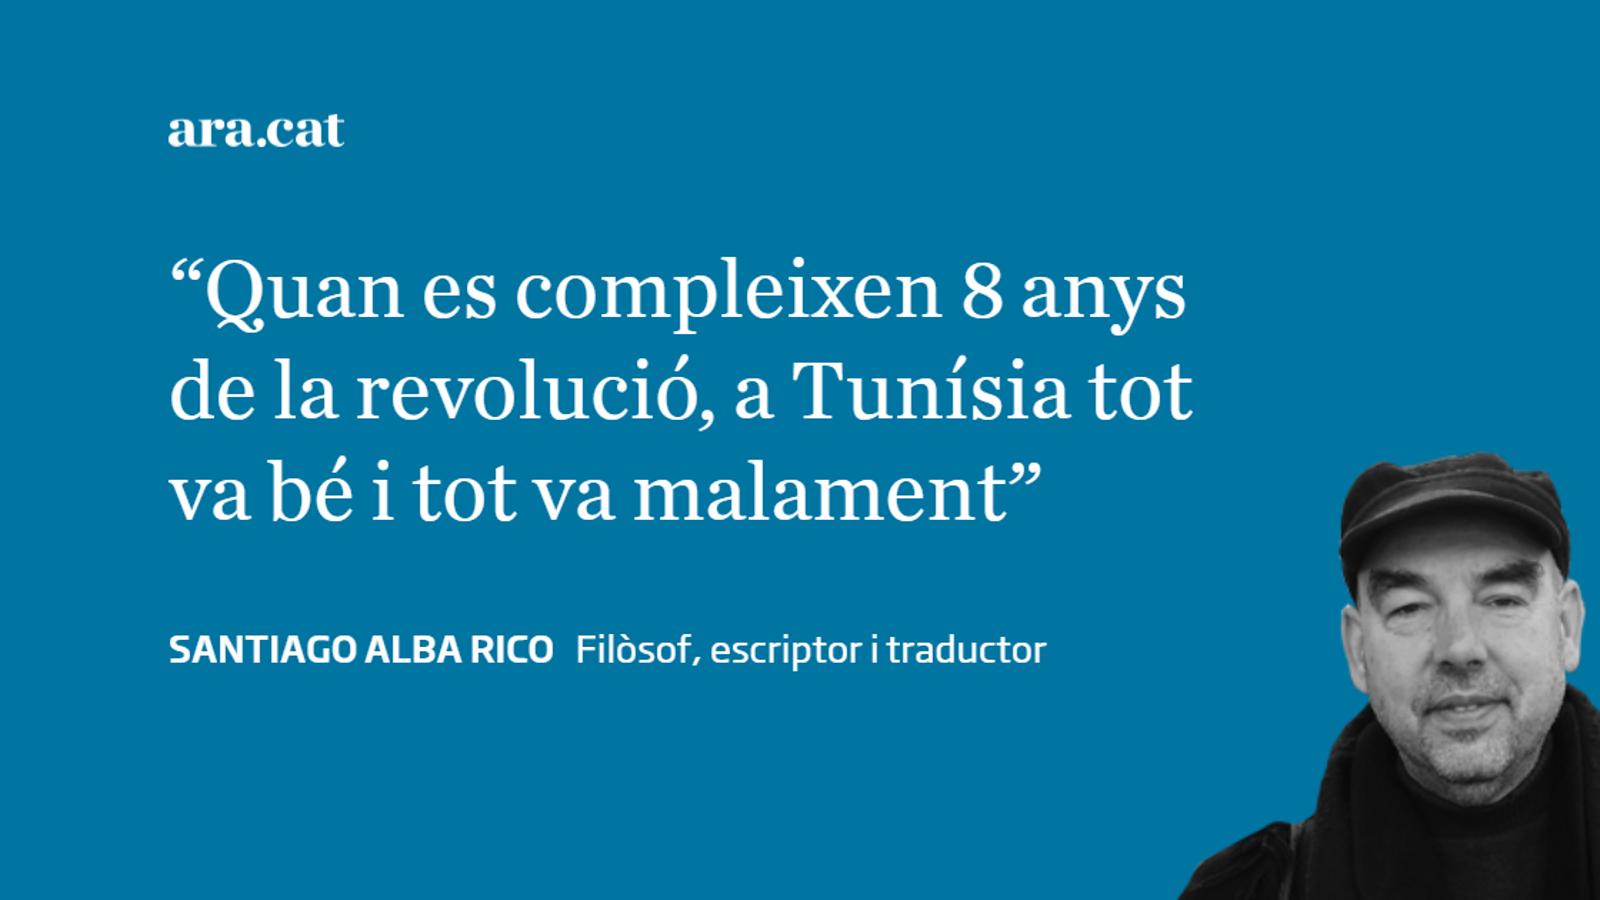 Tunísia: vuit anys d'una revolució a mitges